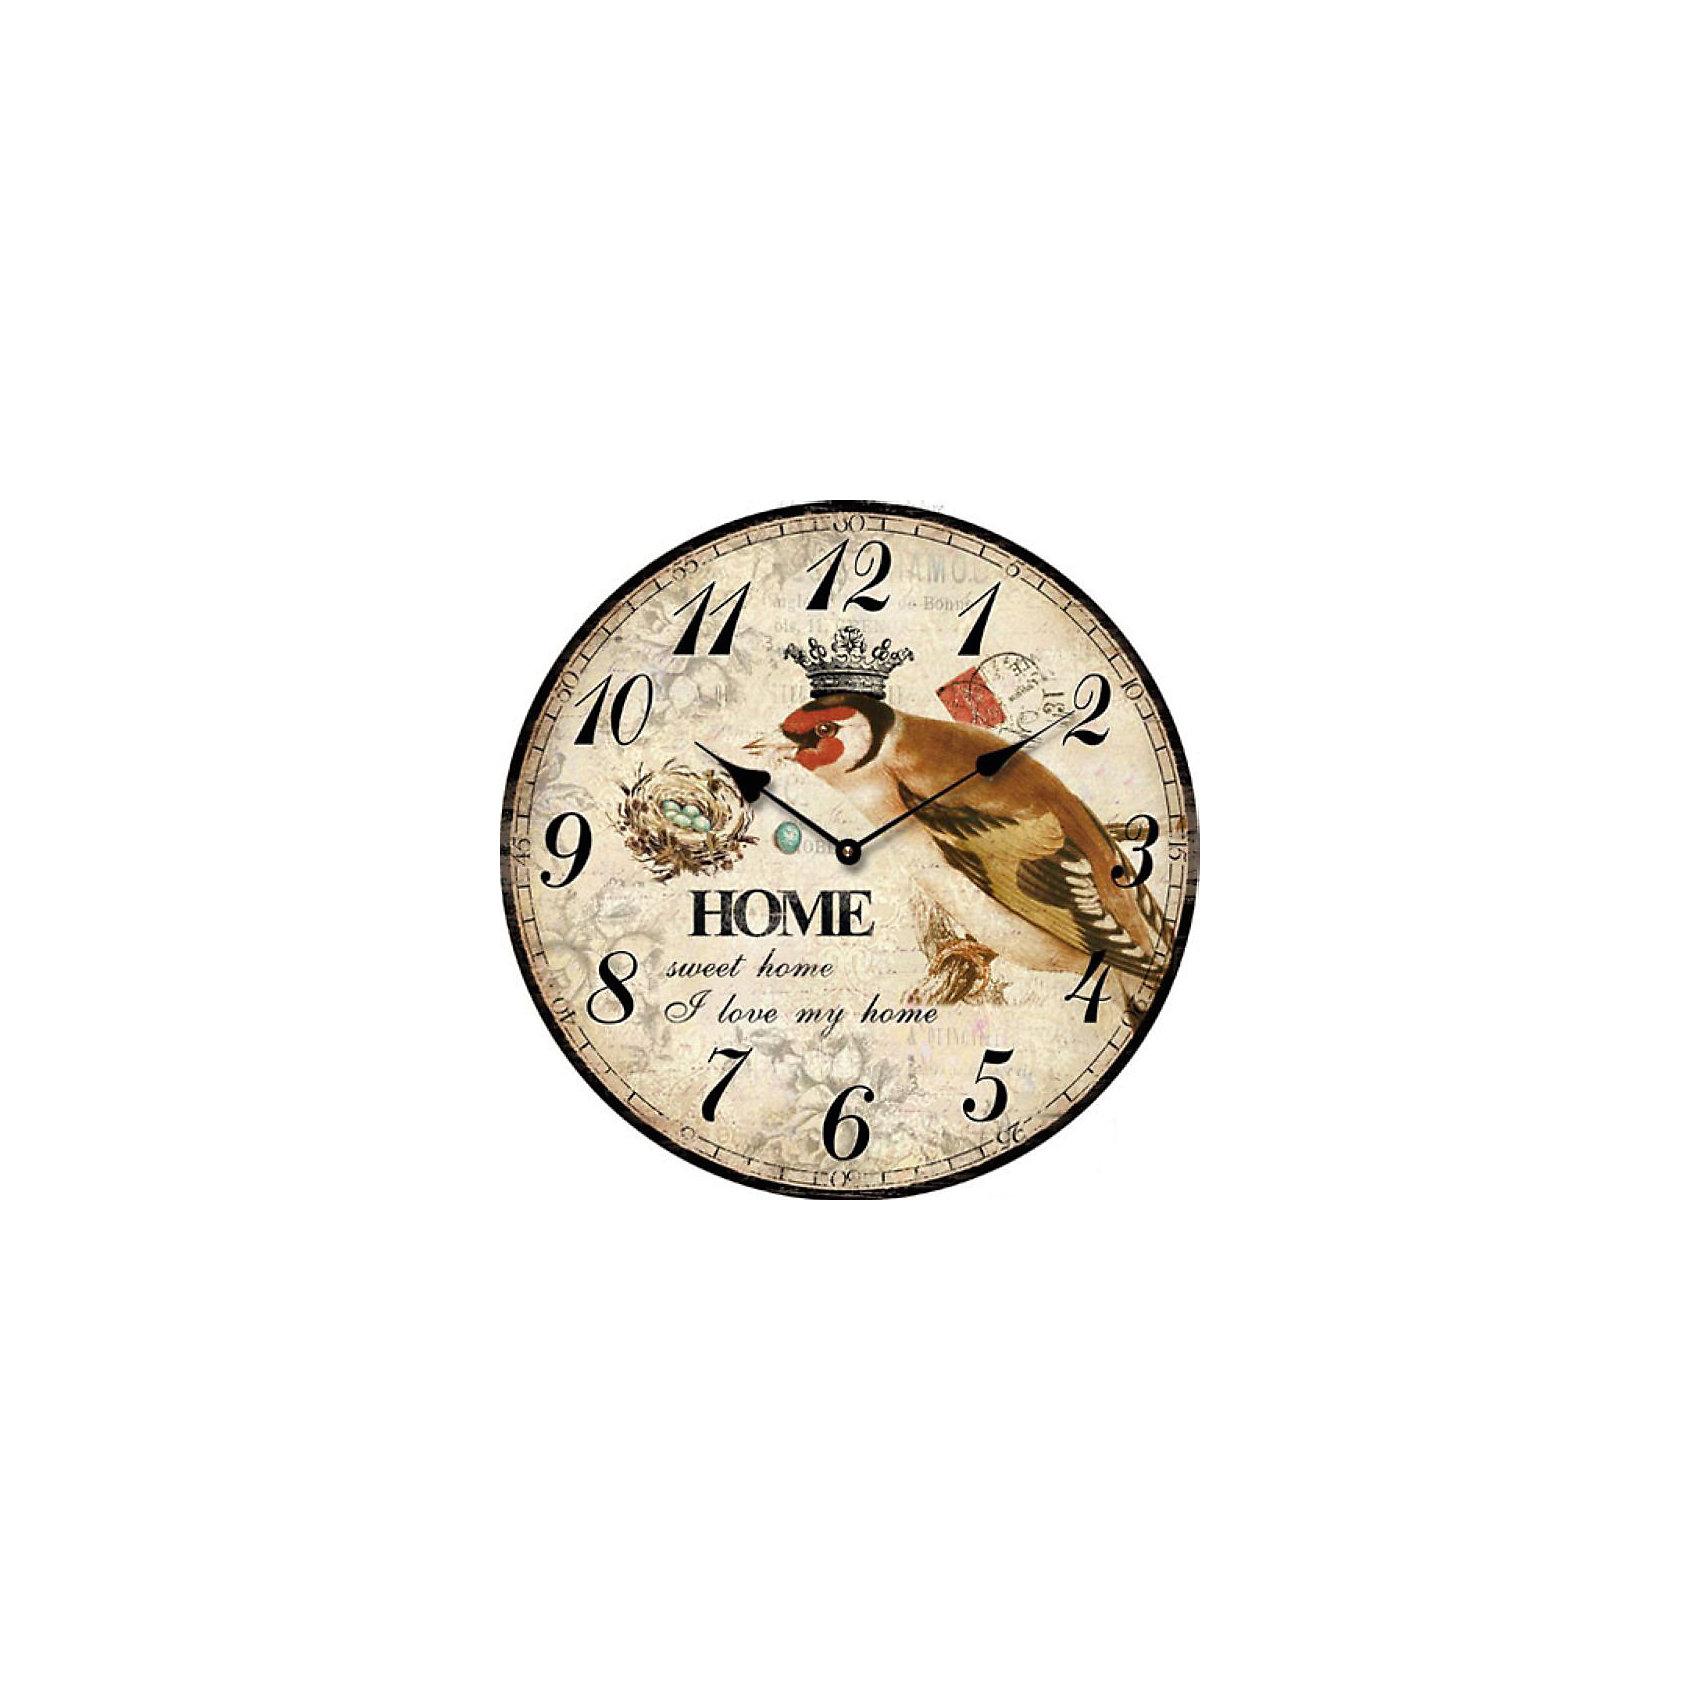 Часы настольные Король птиц кварцевые, с циферблатом, Феникс-ПрезентПредметы интерьера<br>Часы настольные Король птиц кварцевые, с циферблатом, Феникс-Презент<br><br>Характеристики:<br><br>• яркий рисунок<br>• тип часов: кварцевые<br>• размер: 10х10 см<br>• материал: МДФ<br>• батарейки: АА - 1 шт. (не входит в комплект)<br><br>Настольные часы Король птиц всегда подскажут вам точное время, а также украсят интерьер комнаты. Часы изготовлены из МДФ. Циферблат оформлен красивым рисунком с изображением соловья. На часах расположены две стрелки - минутная и часовая. Сзади располагается надежная подставка для стола.<br><br>Часы настольные Король птиц кварцевые, с циферблатом, Феникс-Презент вы можете купить в нашем интернет-магазине.<br><br>Ширина мм: 100<br>Глубина мм: 100<br>Высота мм: 100<br>Вес г: 177<br>Возраст от месяцев: 120<br>Возраст до месяцев: 2147483647<br>Пол: Унисекс<br>Возраст: Детский<br>SKU: 5449702